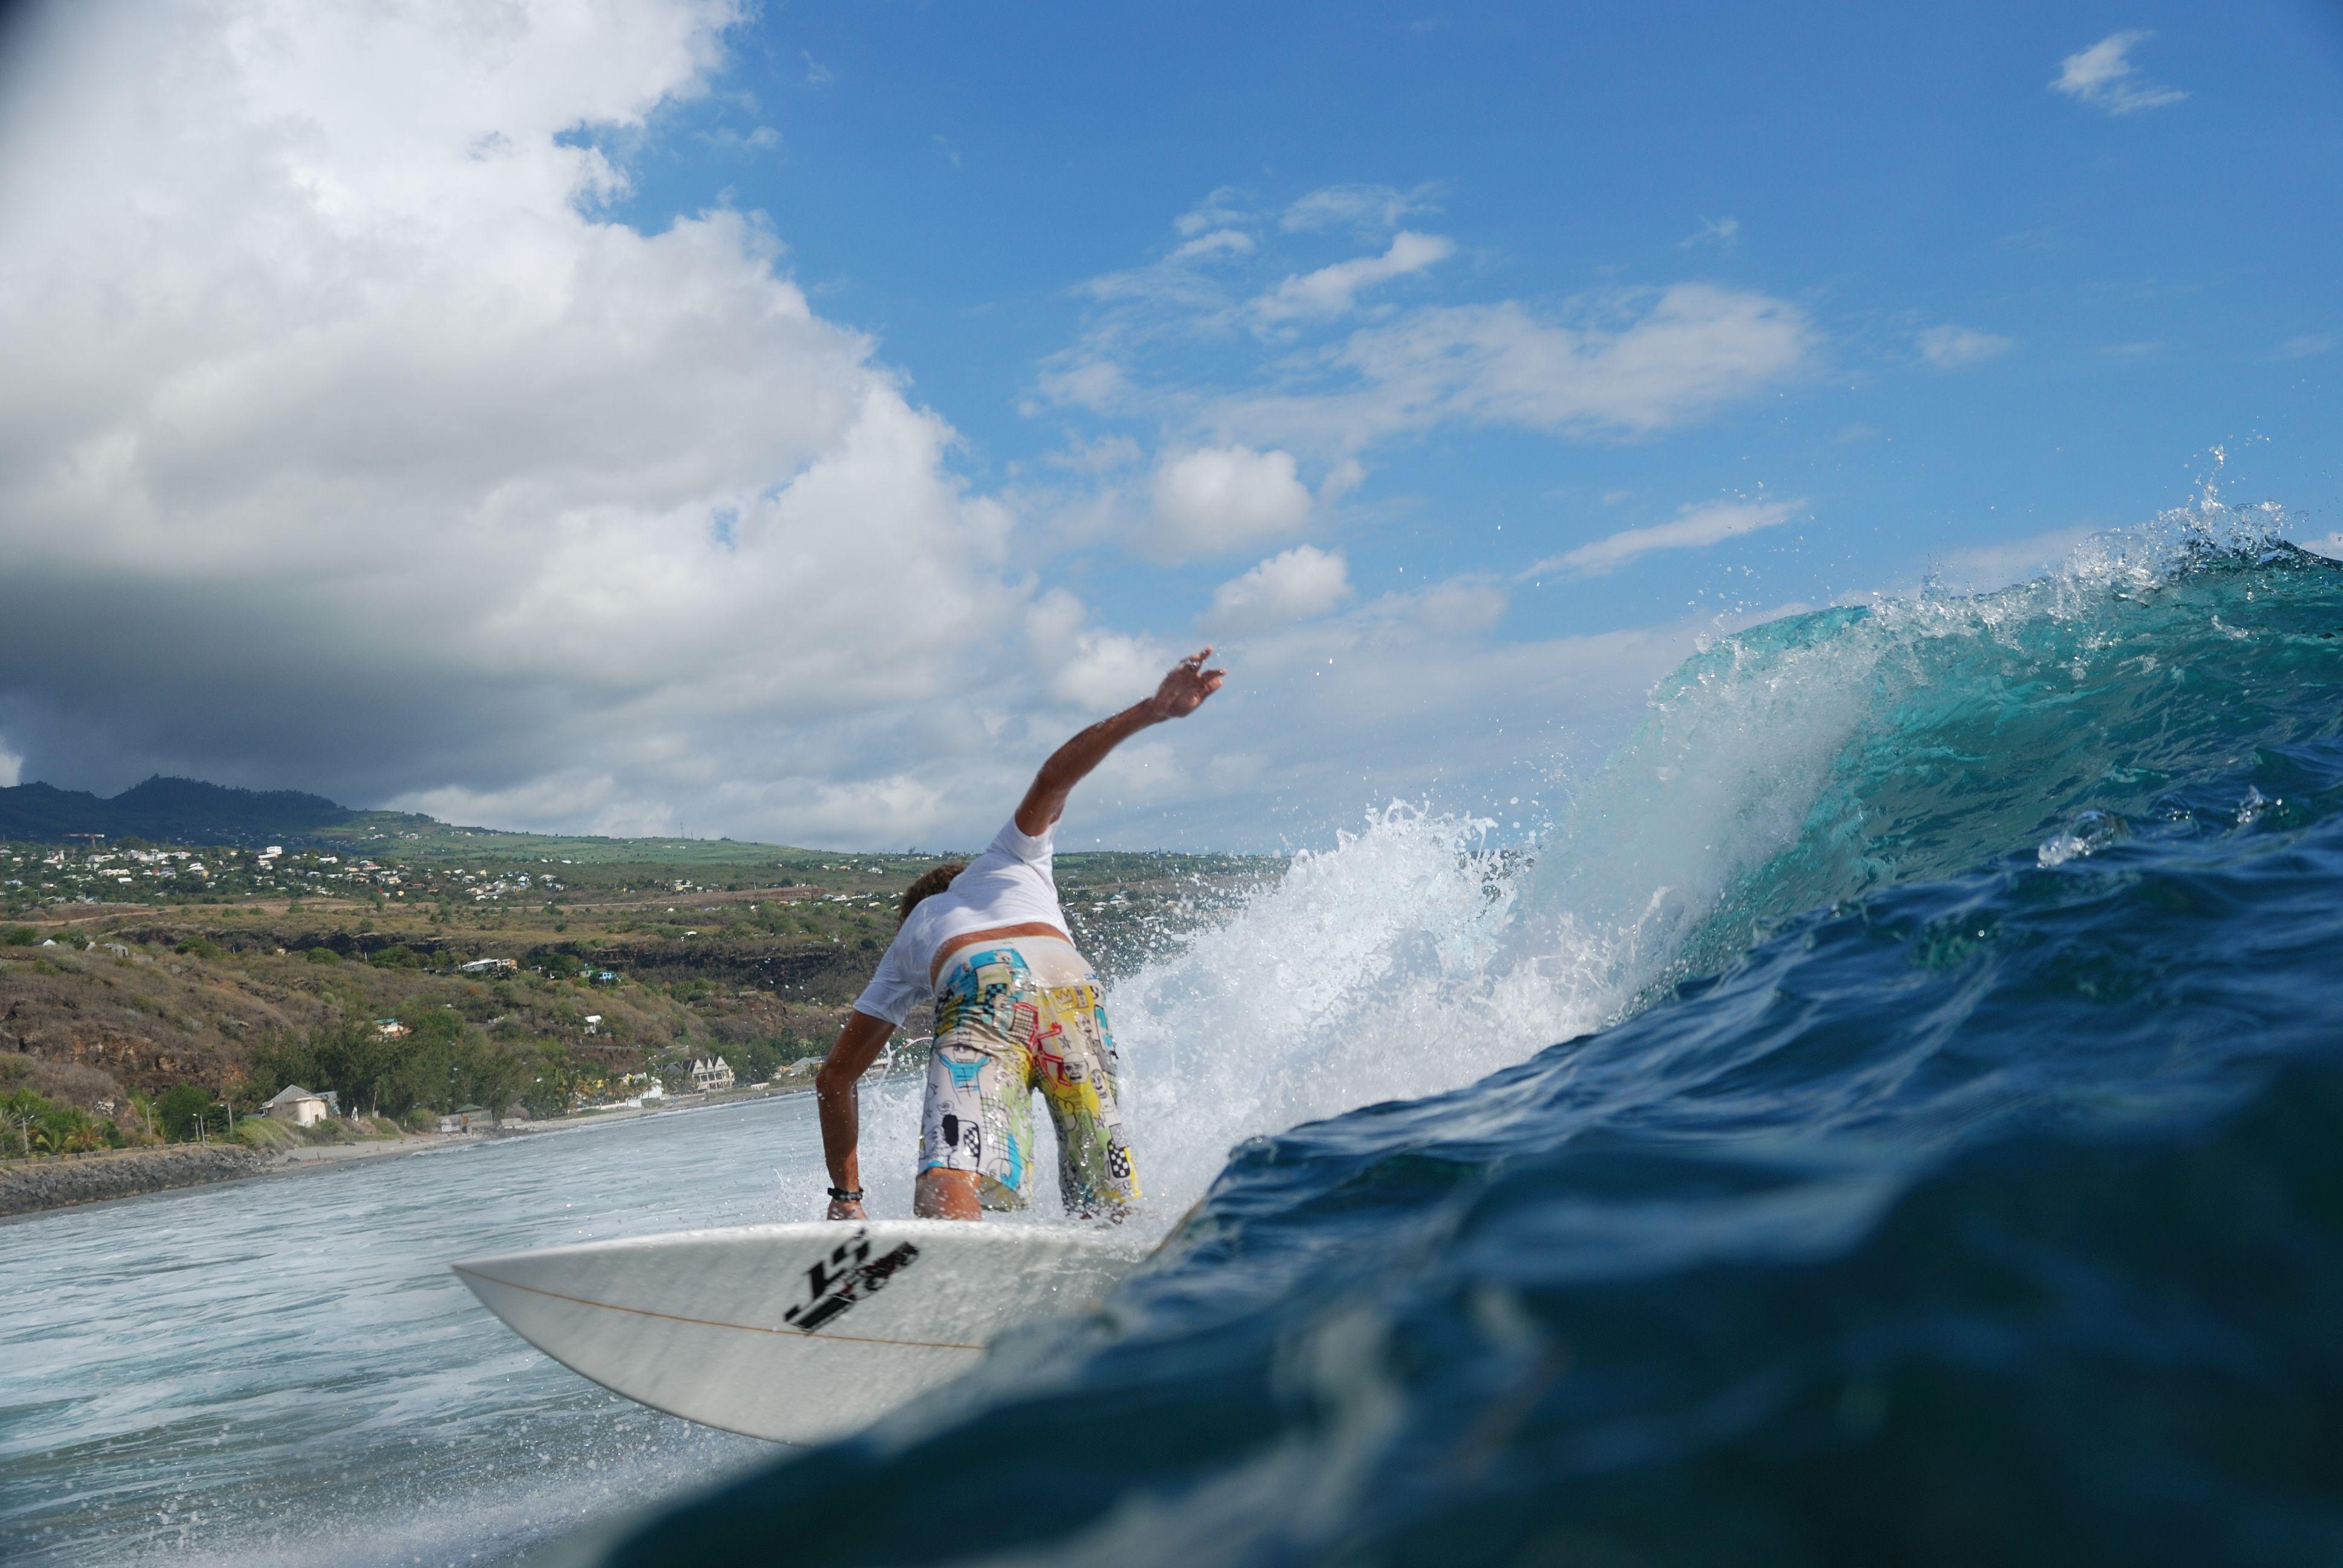 Beautiful surf photo